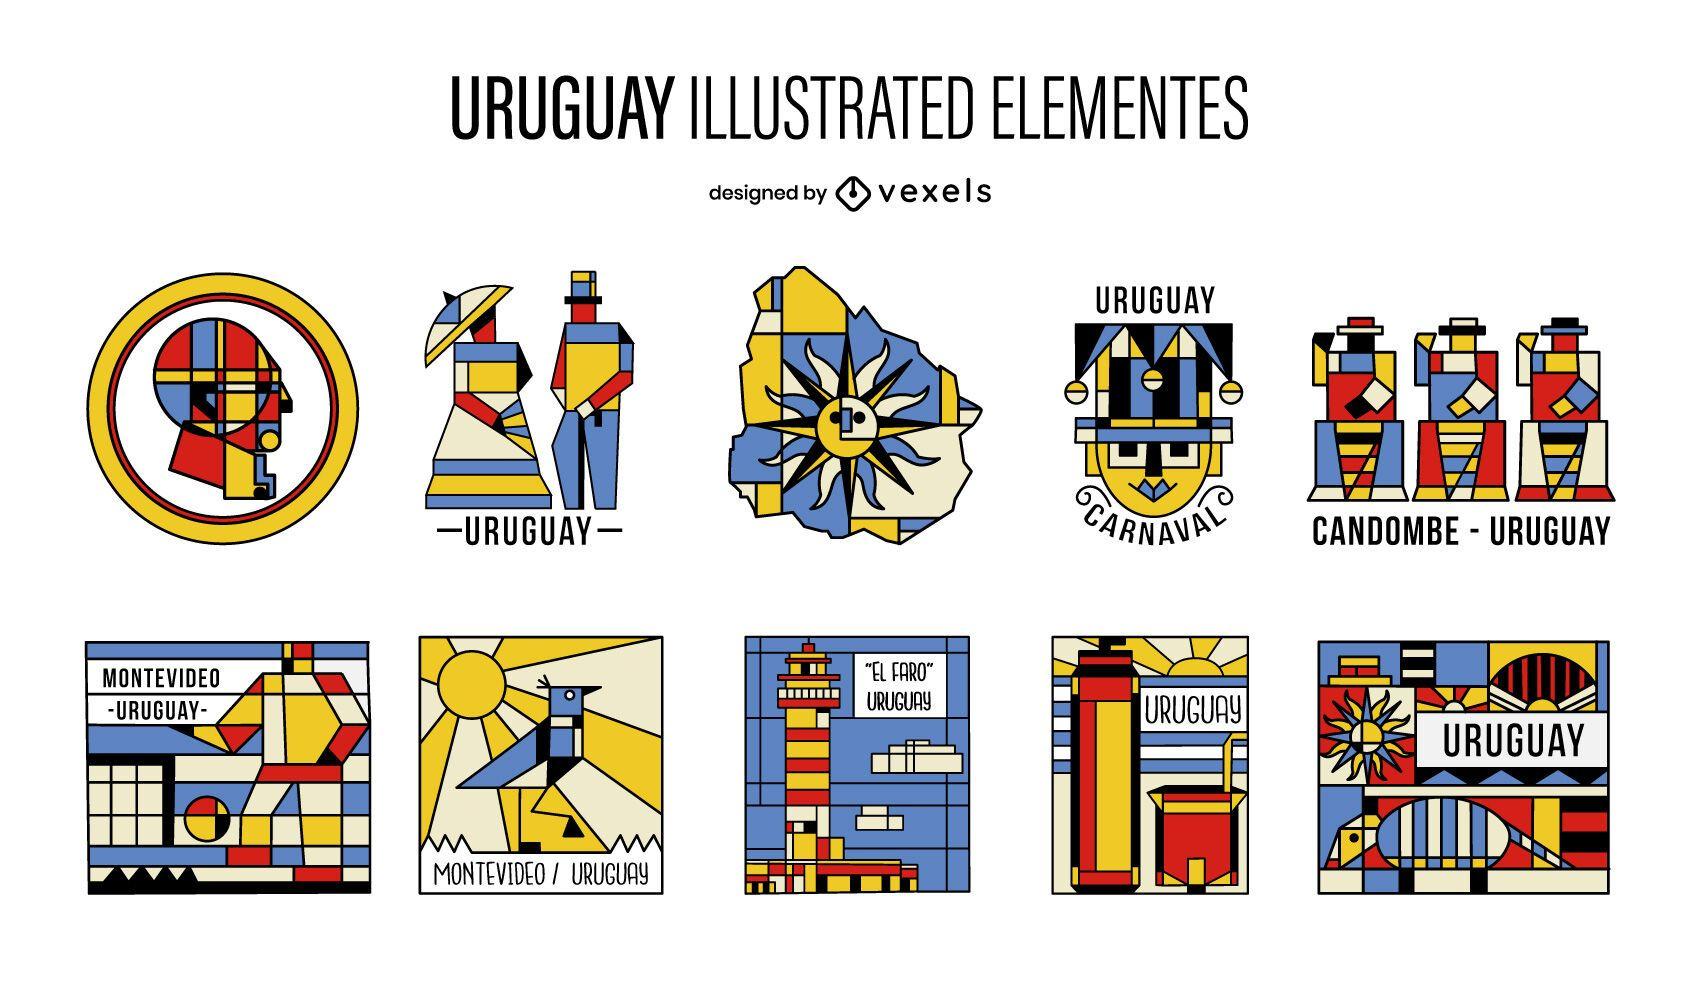 Paquete de elementos ilustrados del cubismo de Uruguay